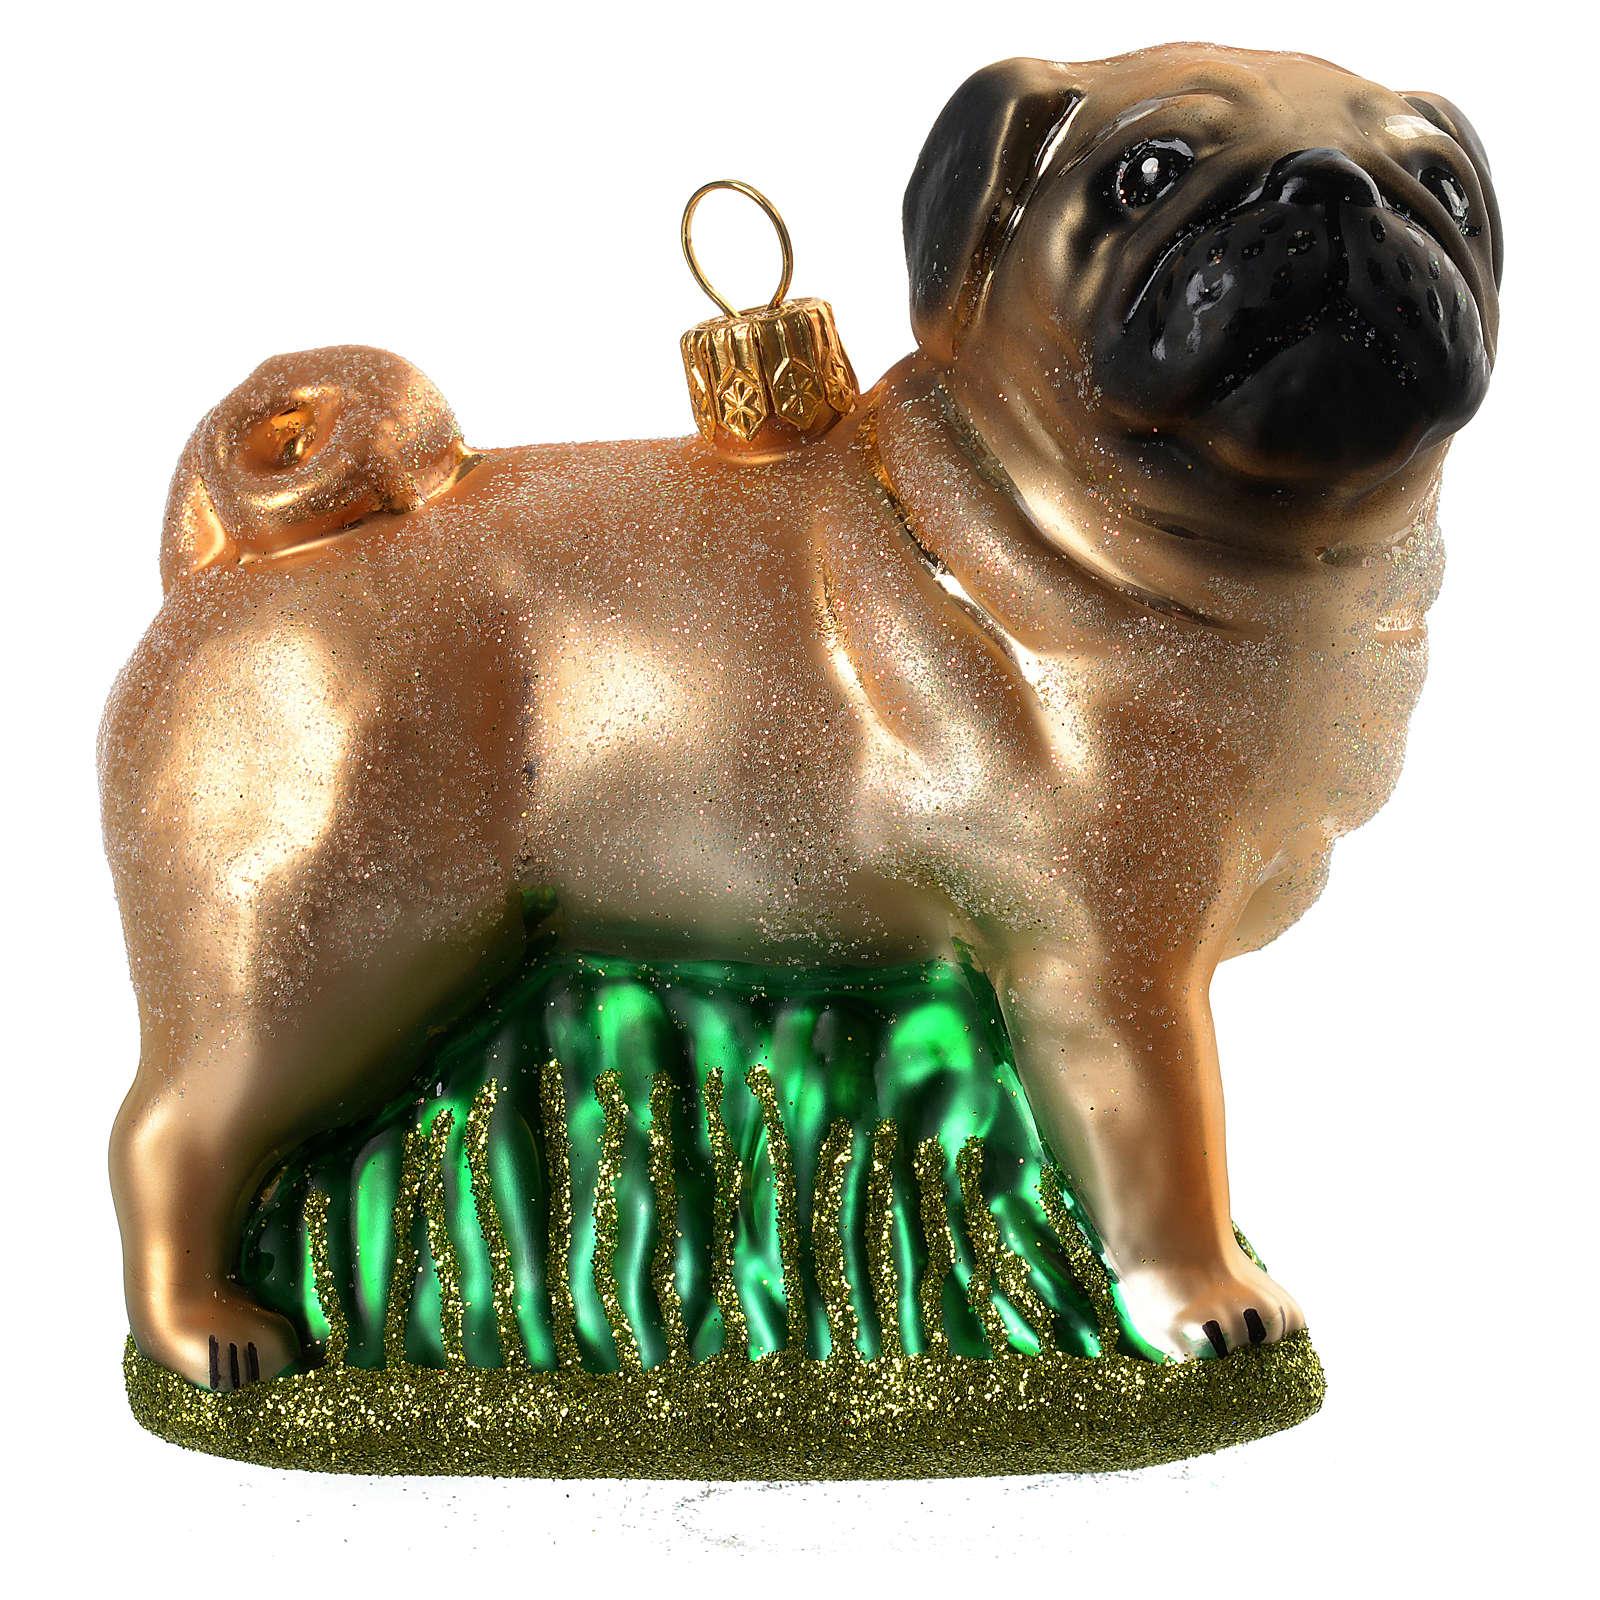 Cão pug em esquis vidro soprado adorno árvore Natal 4